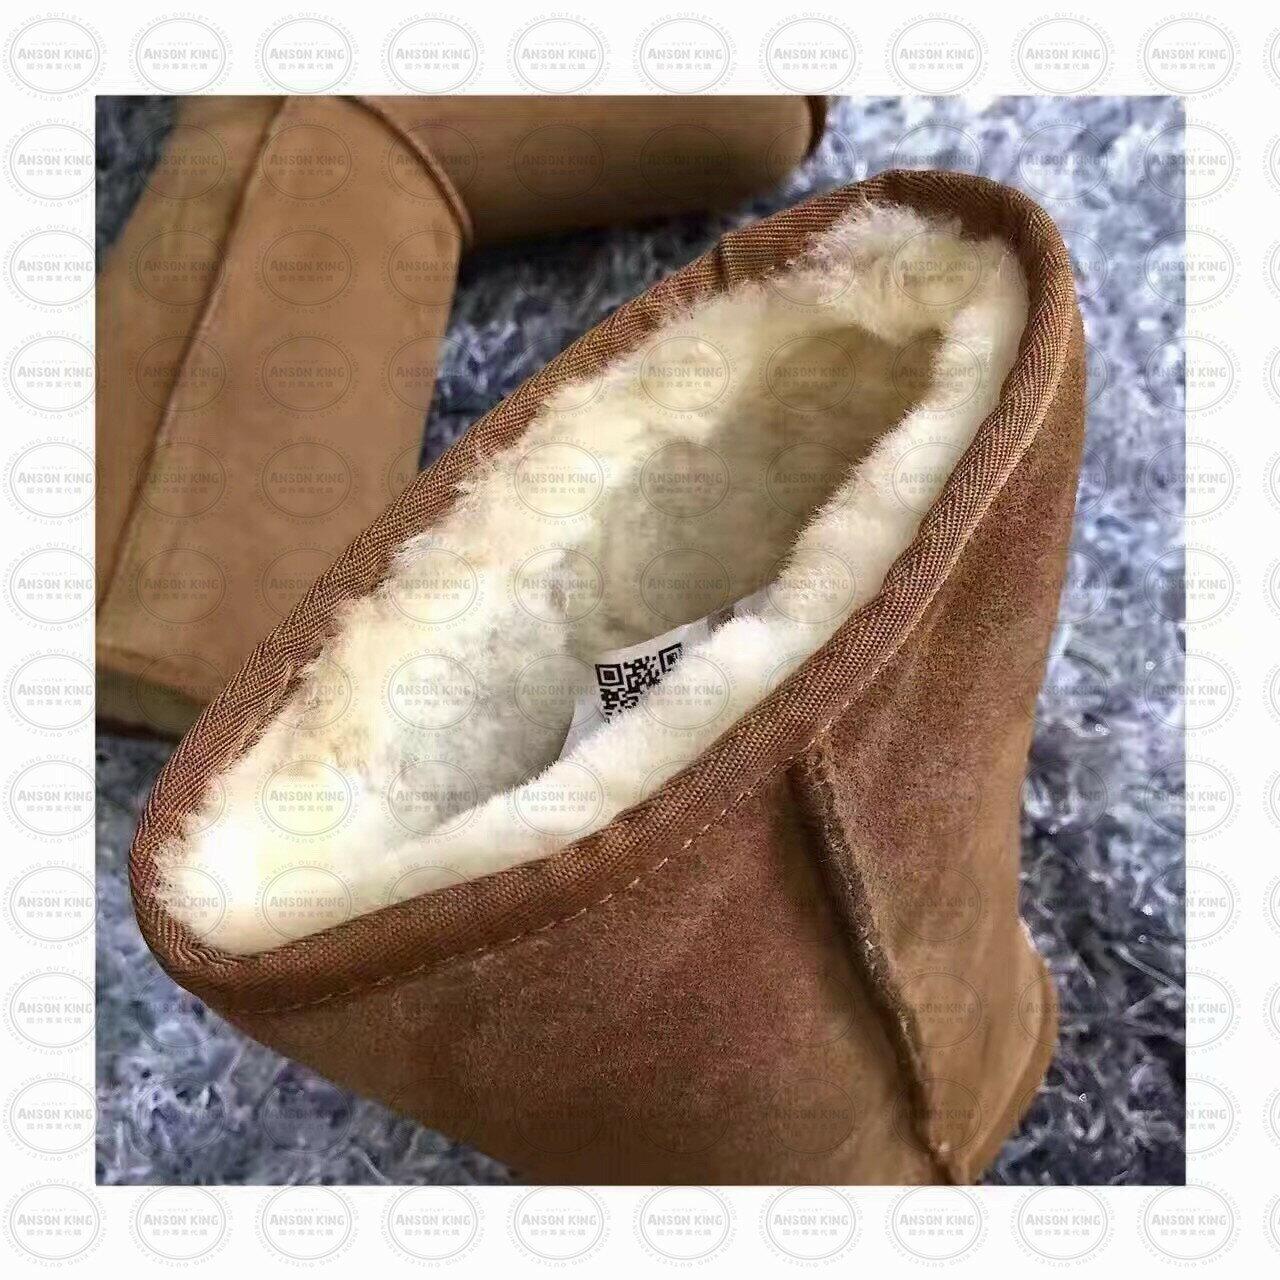 OUTLET正品代購 澳洲 UGG 經典女款羊皮毛一體雪靴 中長靴 保暖 真皮羊皮毛 雪靴 短靴 沙栗色 1